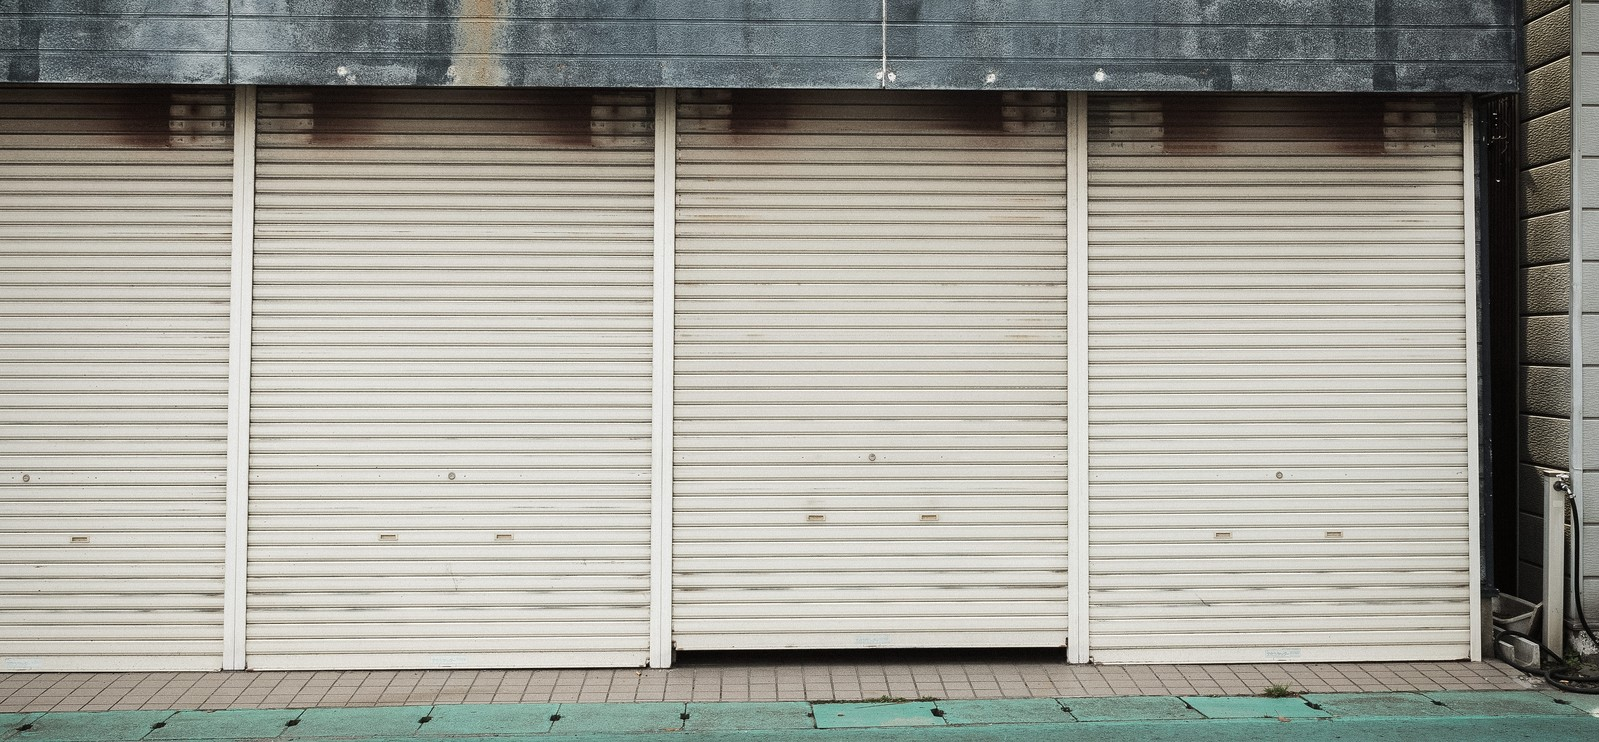 「商店のシャッター商店のシャッター」のフリー写真素材を拡大